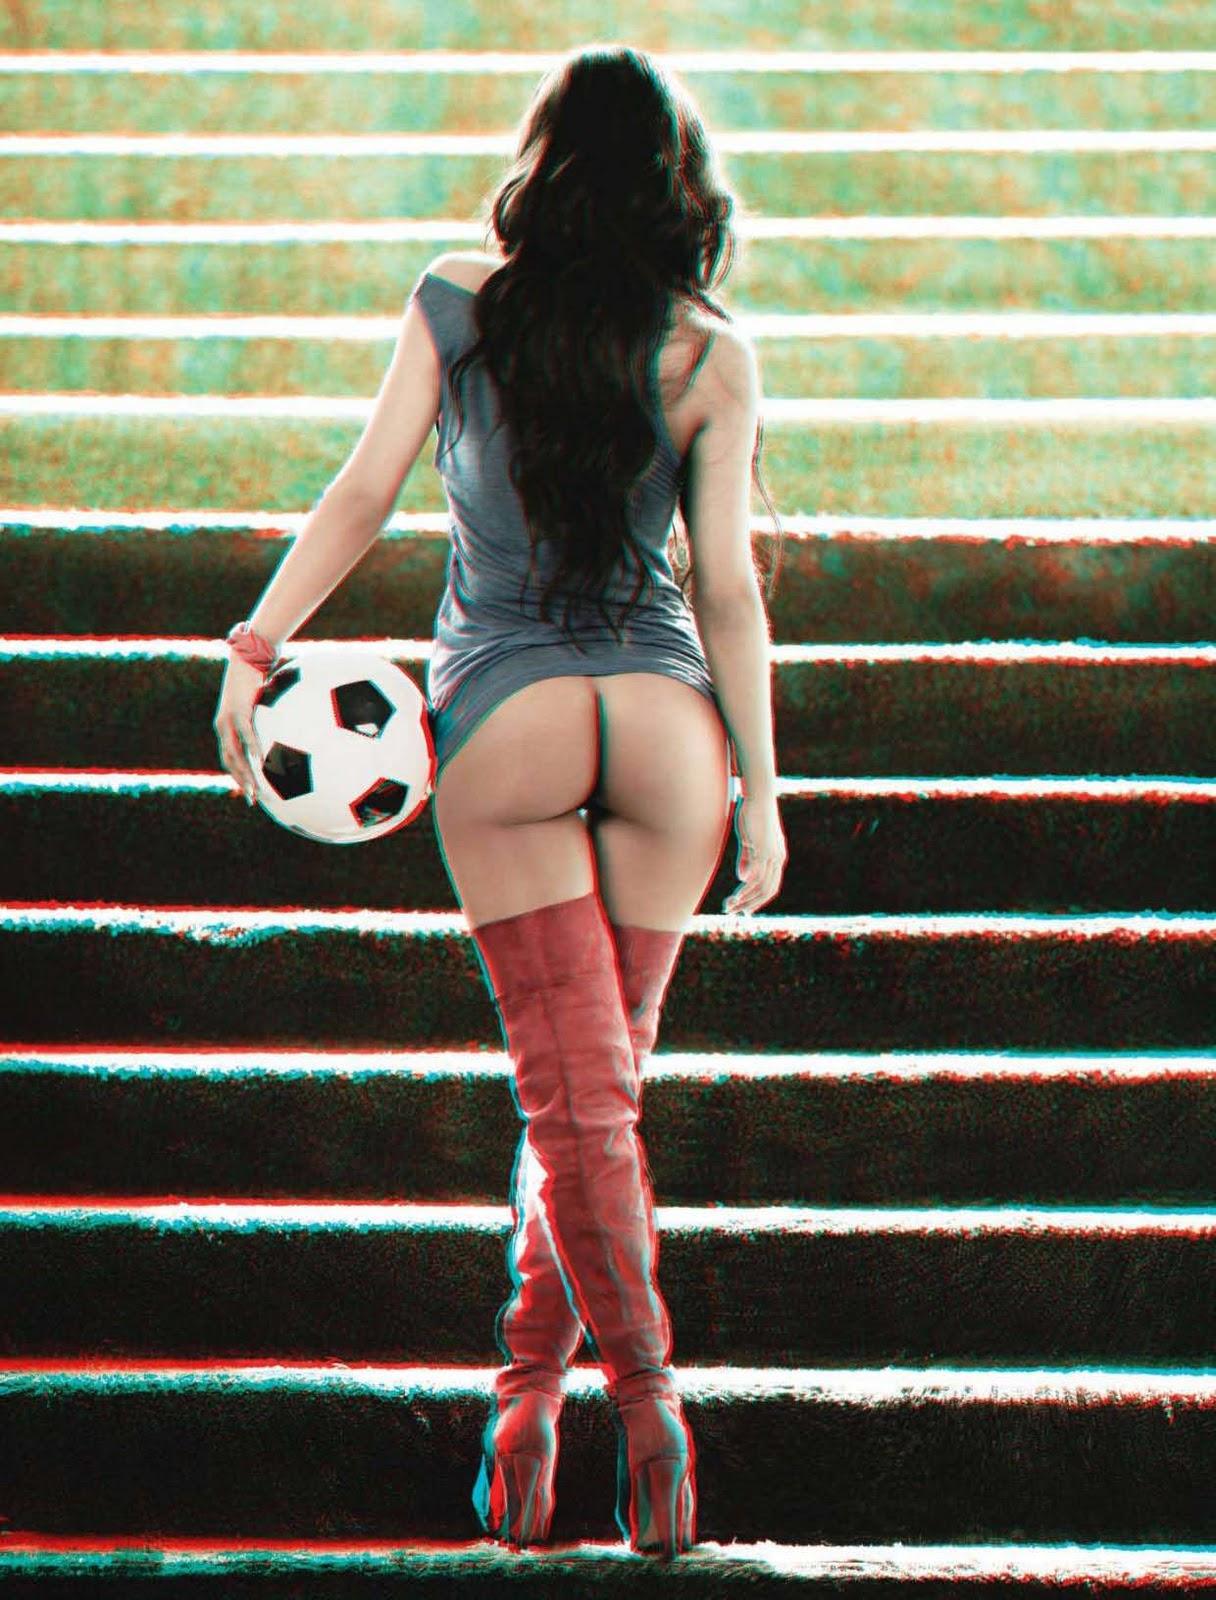 Larissa Riquelme Nude Larissa Riquelme Playboy Nude Pictures-4159